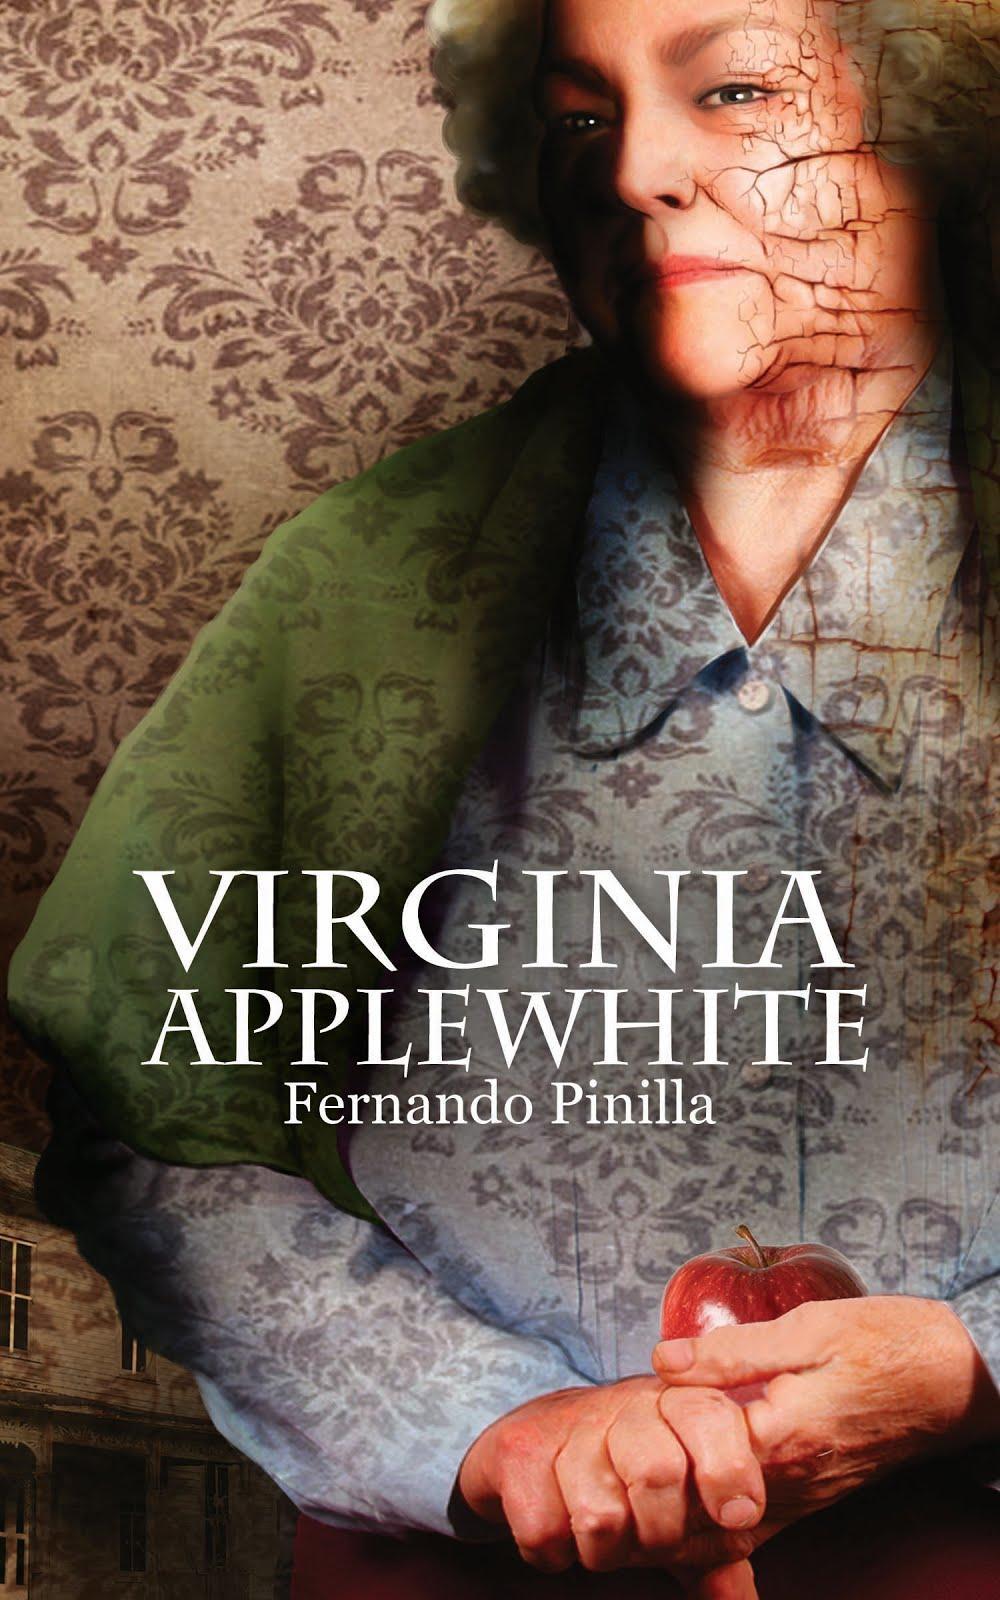 Virginia Applewhite